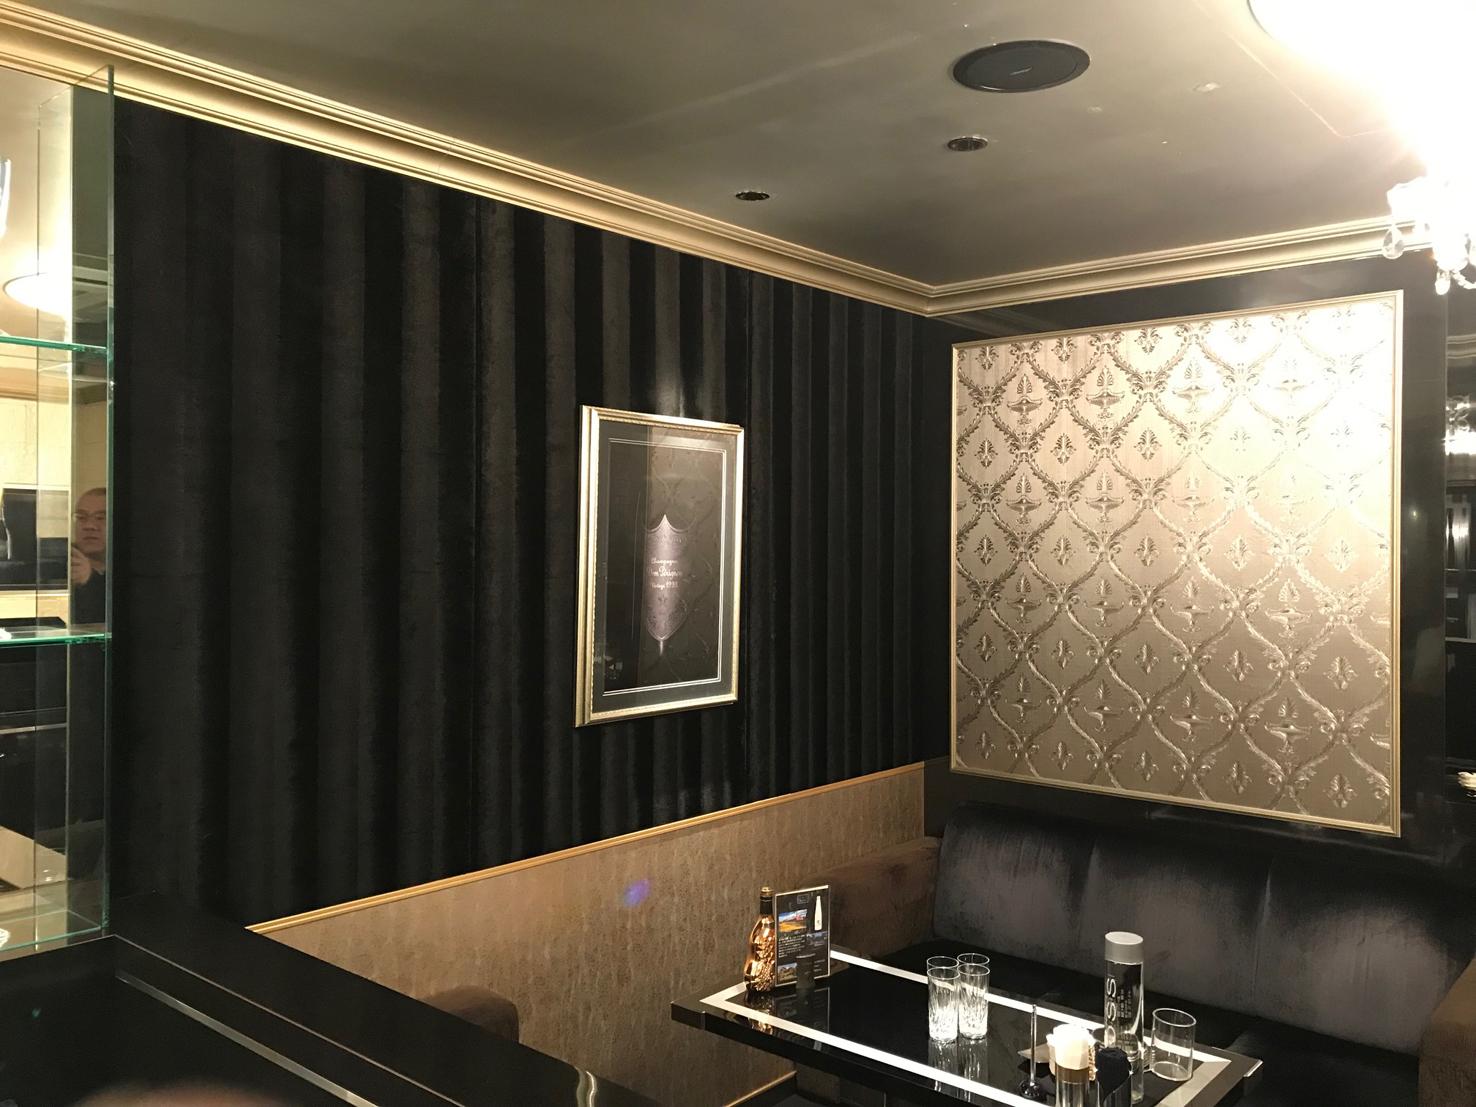 店舗デザイン インテリアデザイン shopdesign interiordesign 横浜 名古屋 クラブバレンシア